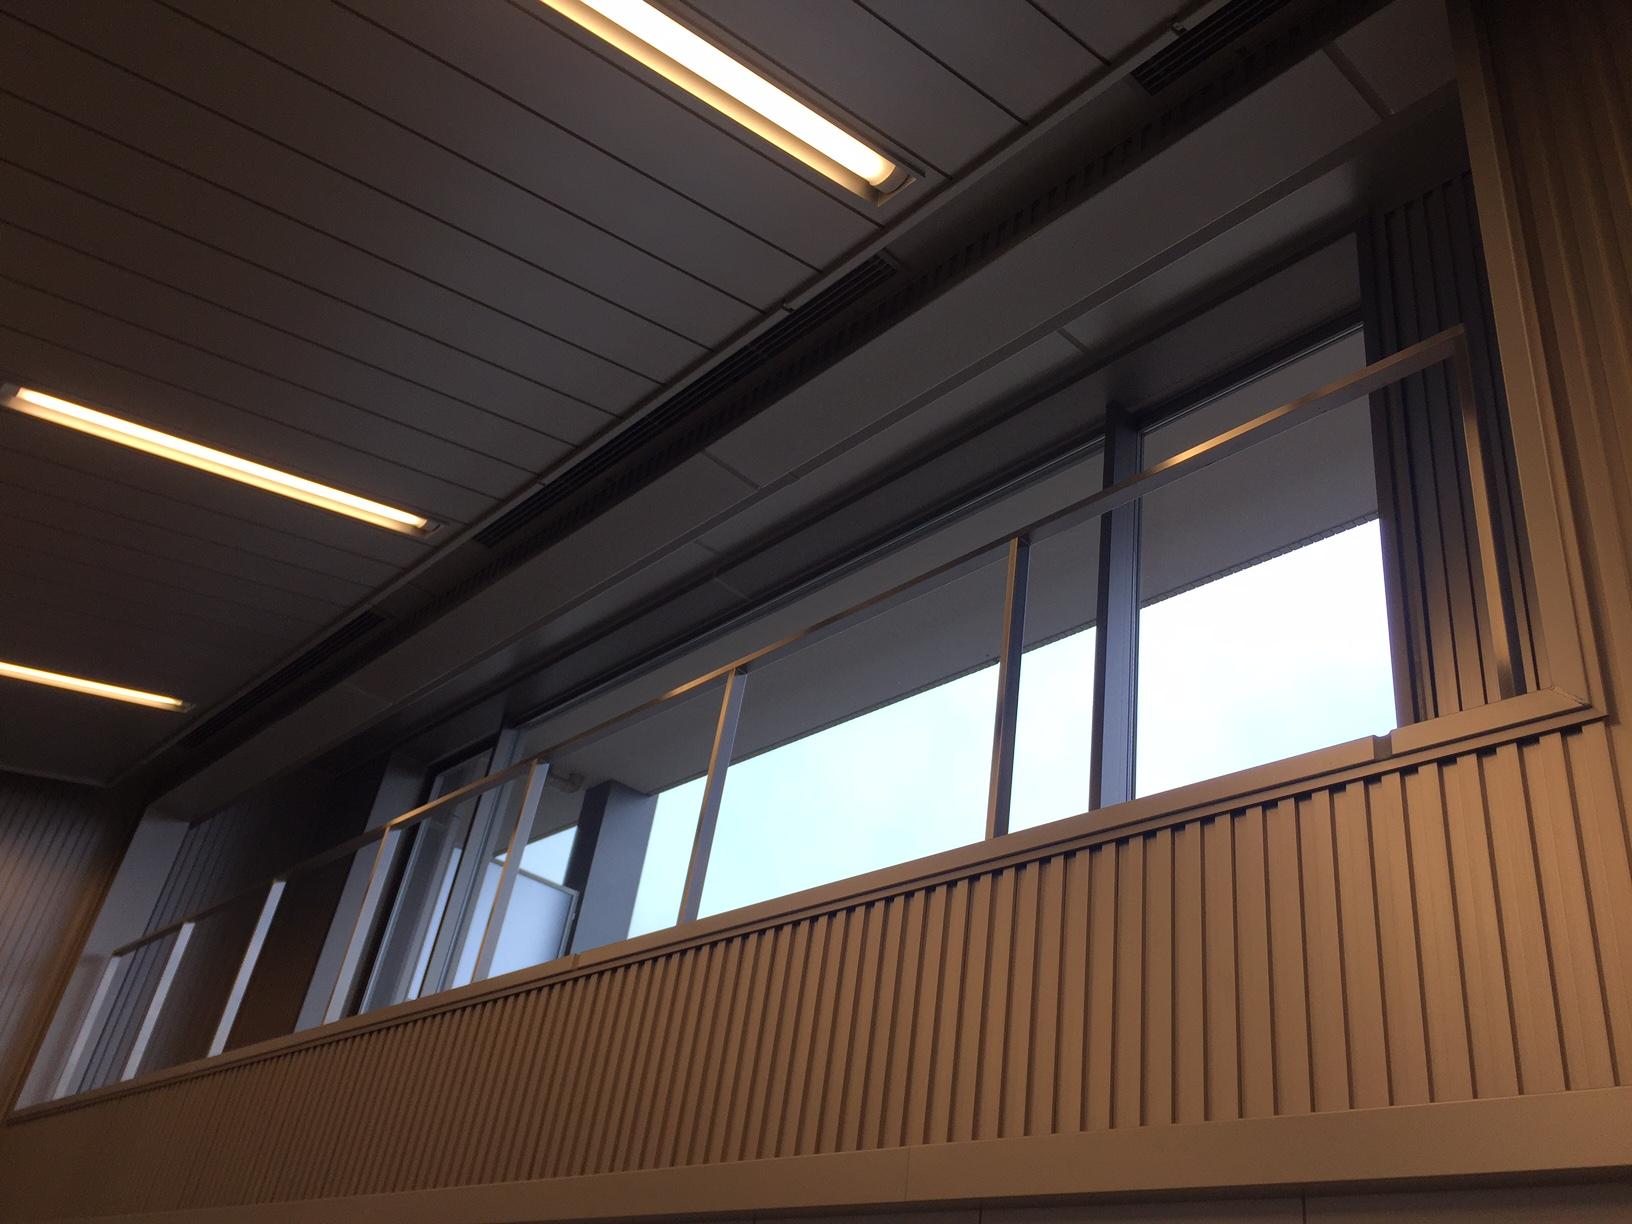 サンシティー立川昭和記念公園 天井照明パネル(4方) 天井・壁パネル・結露受け10